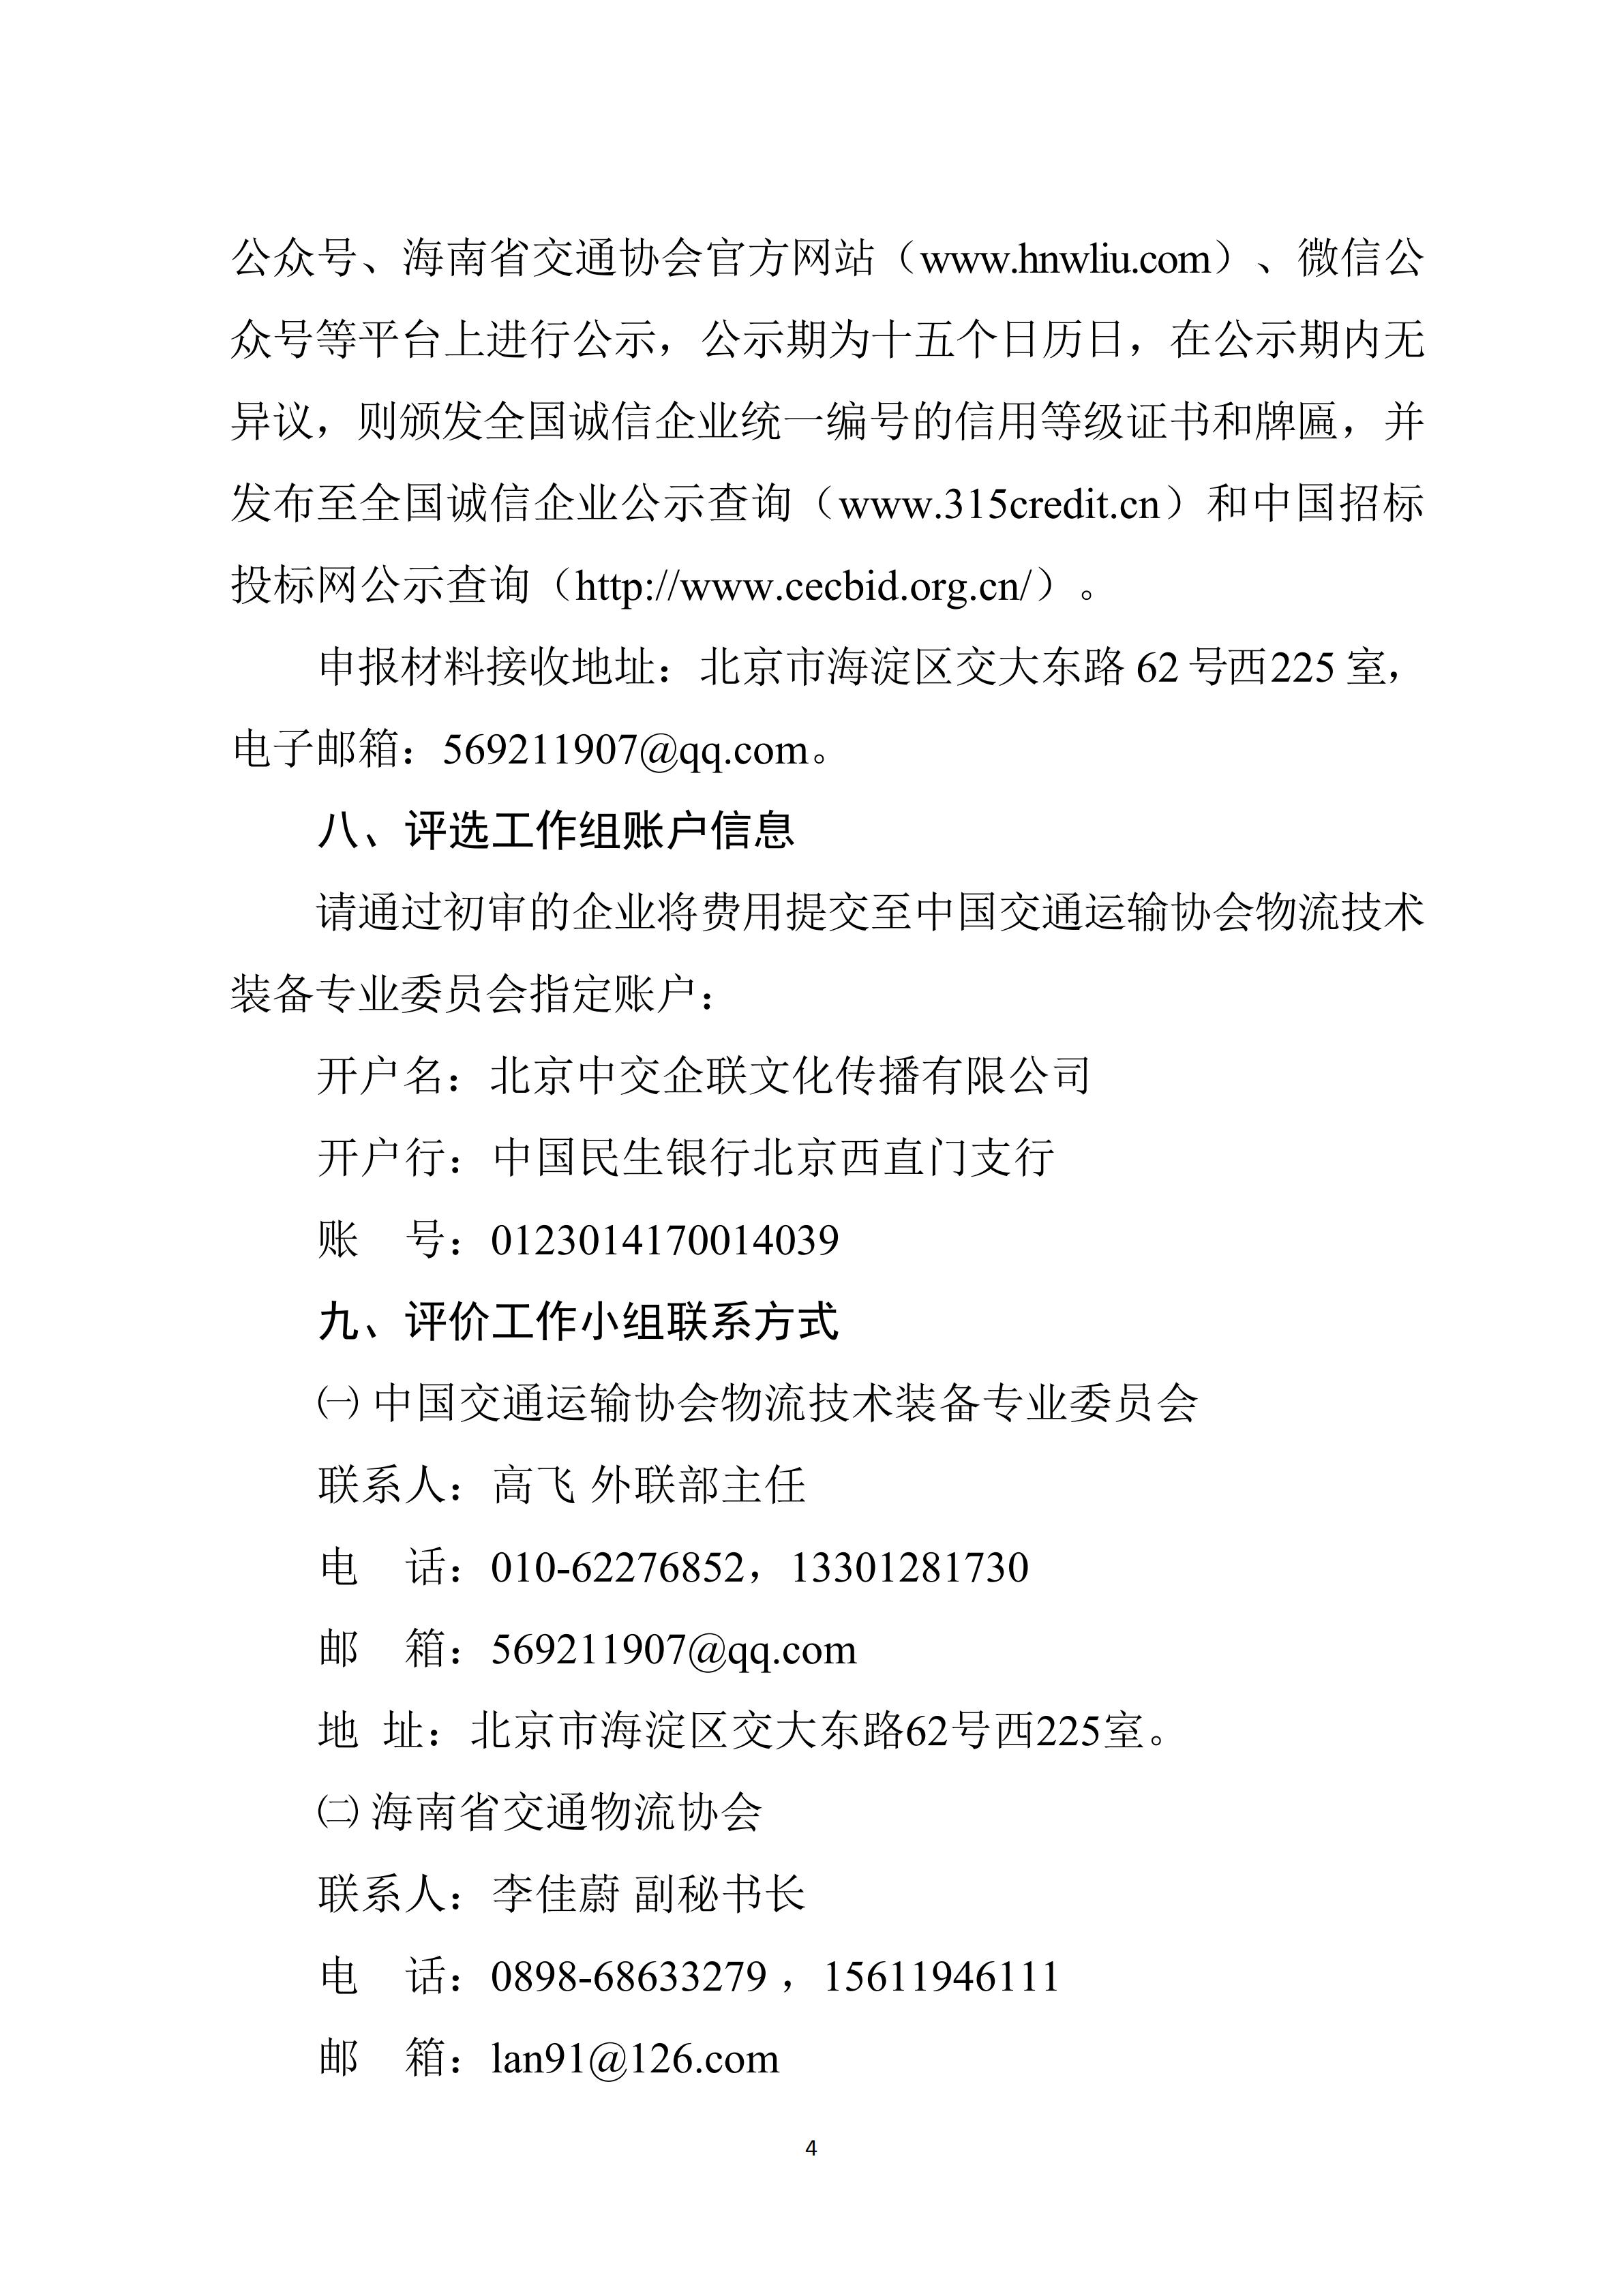 关于开展物流及技术装备行业信用评价工作的通知(2020.4.17)(1)_03.png